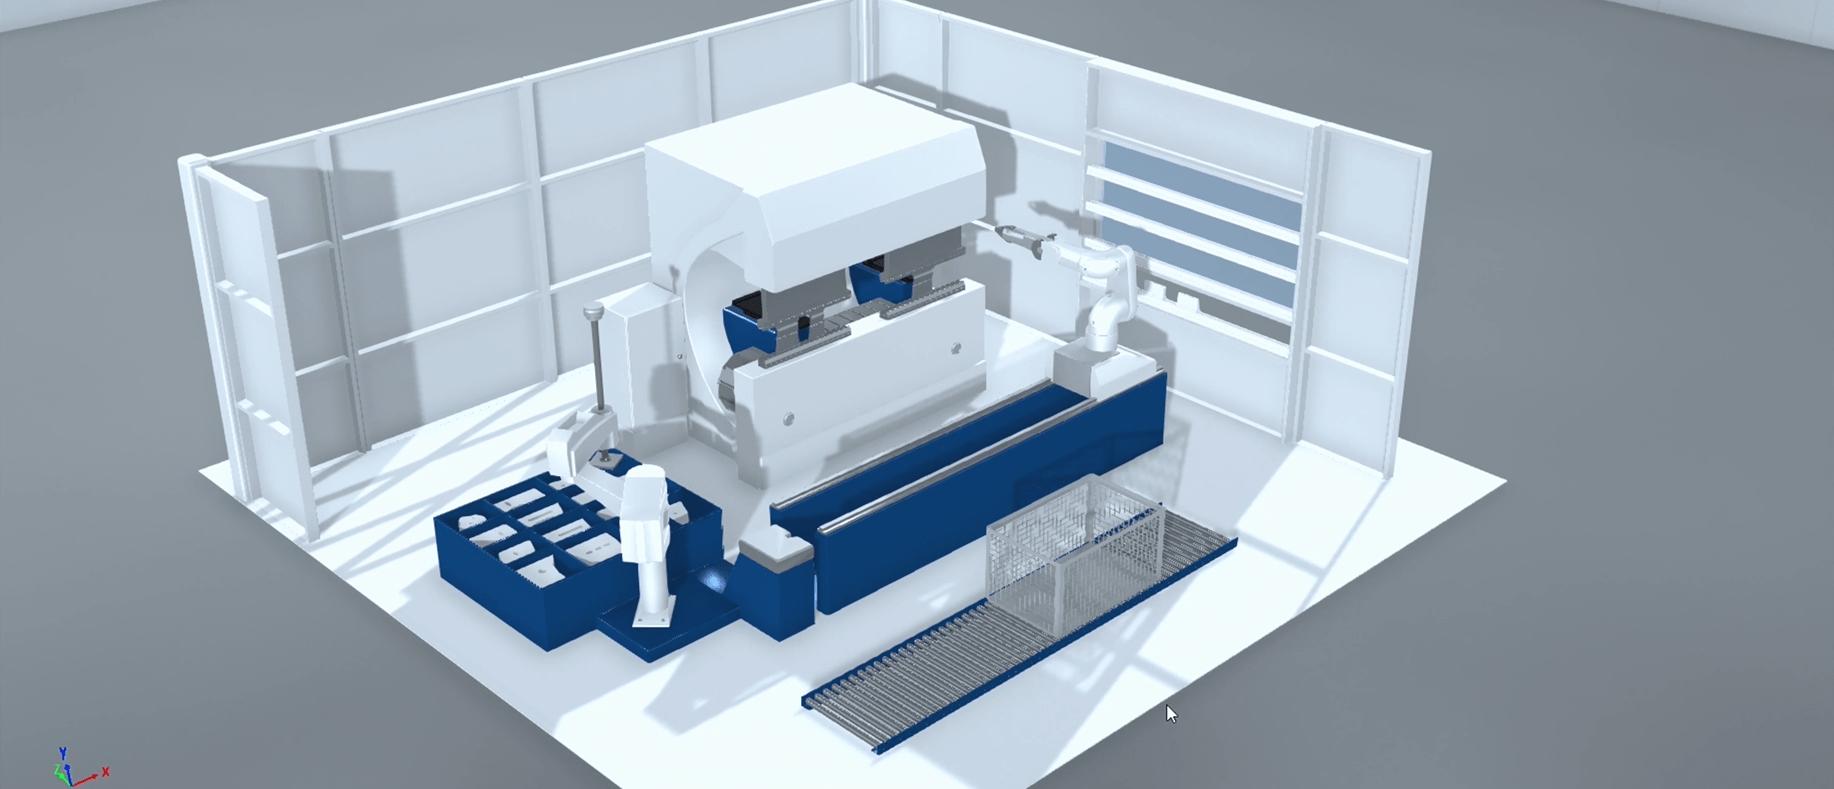 Digitales 3D Modell einer Biegemaschine und eines Roboter